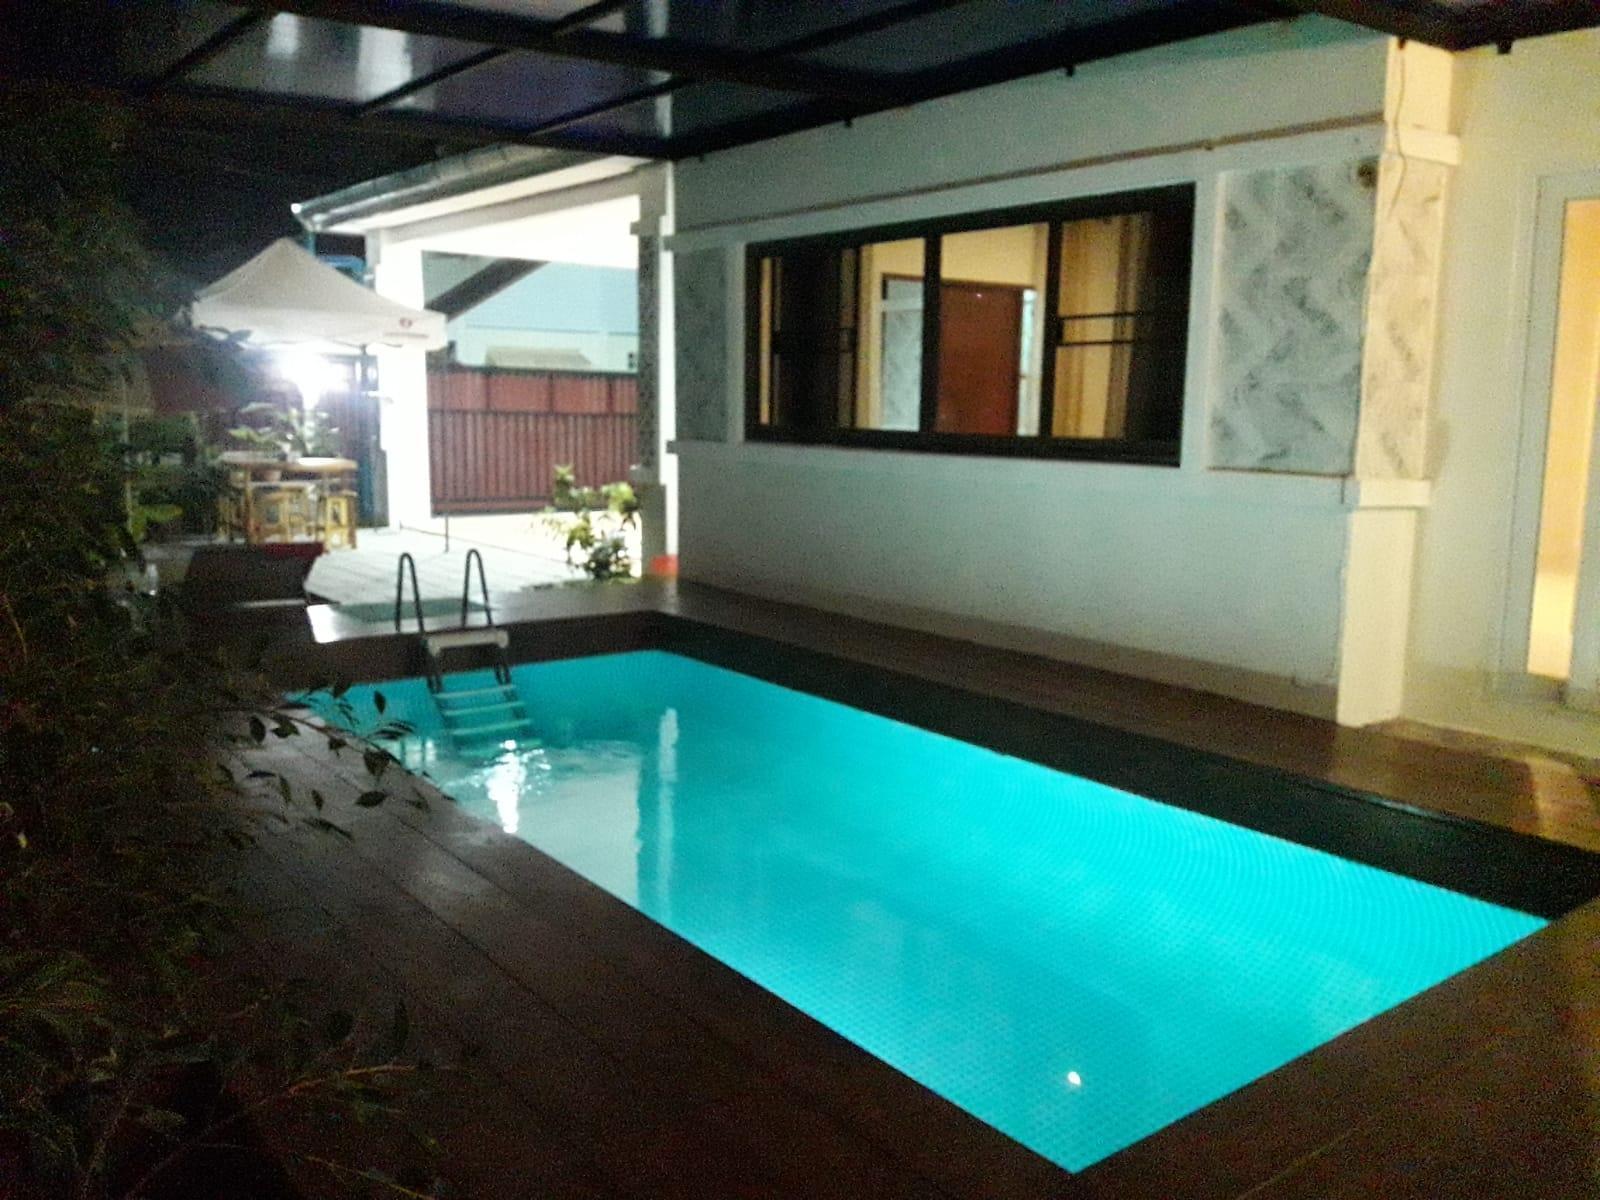 Baan samkong pool house บ้านเดี่ยว 3 ห้องนอน 3 ห้องน้ำส่วนตัว ขนาด 260 ตร.ม. – ตัวเมืองภูเก็ต